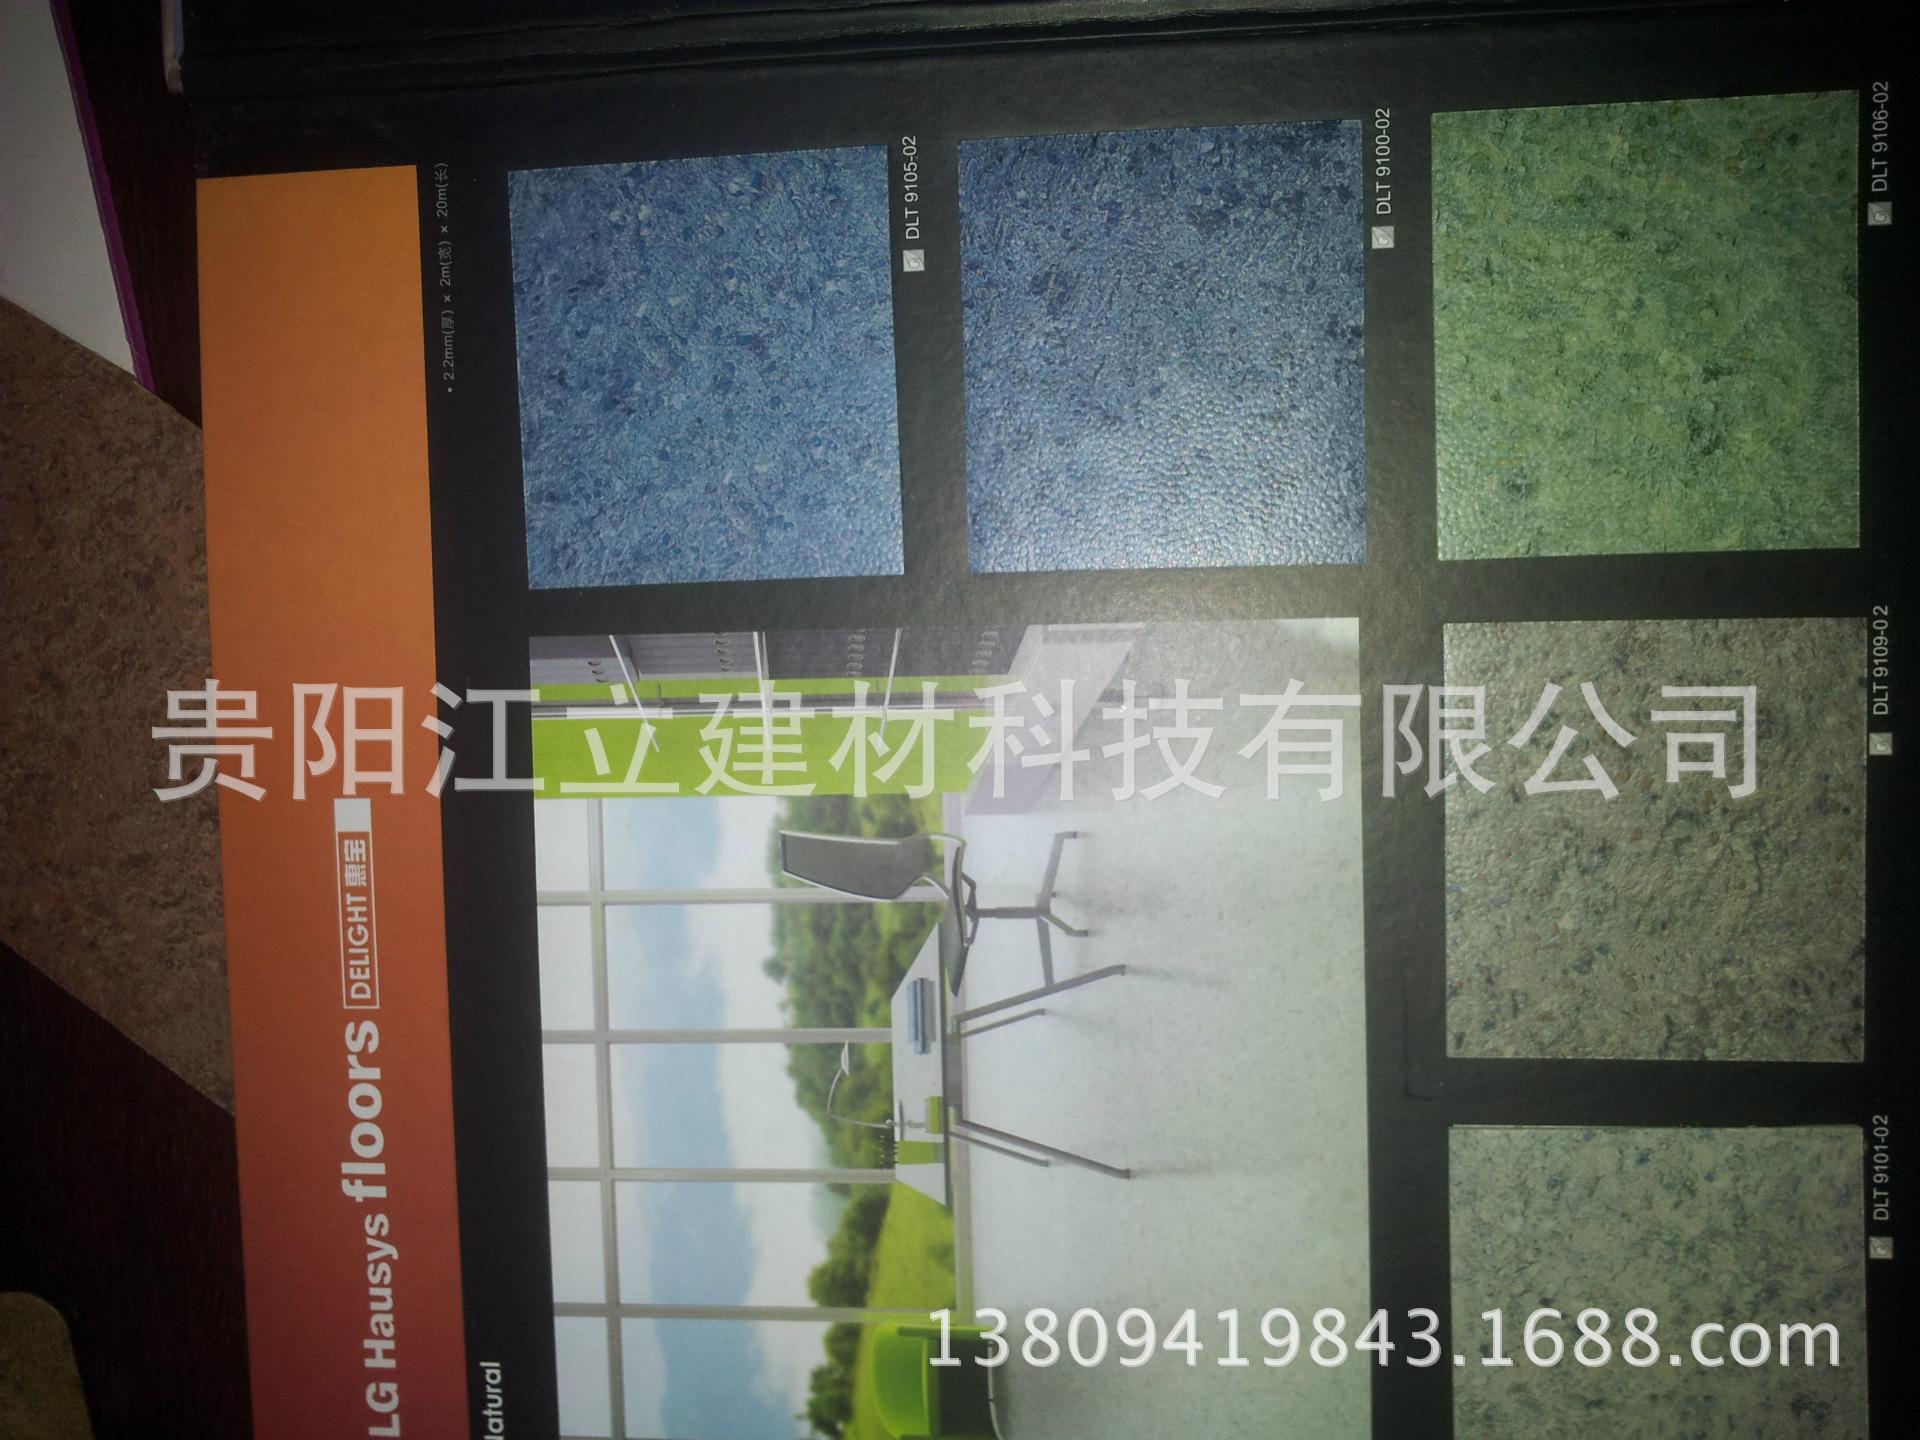 LG惠宝 (2)